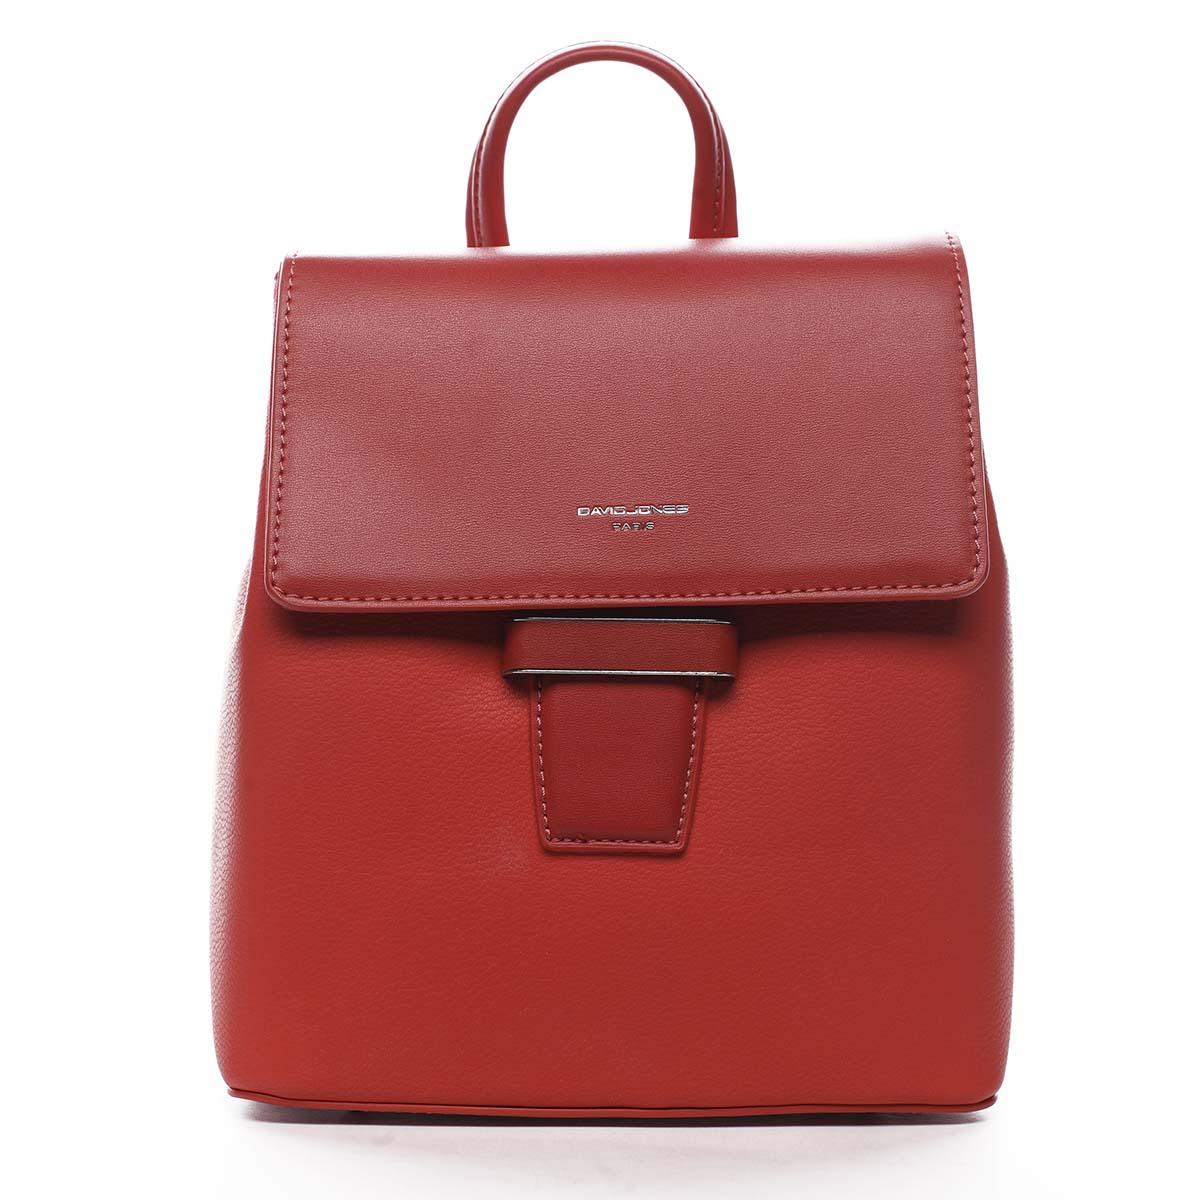 Dámský městský batůžek kabelka červený - David Jones Kancy